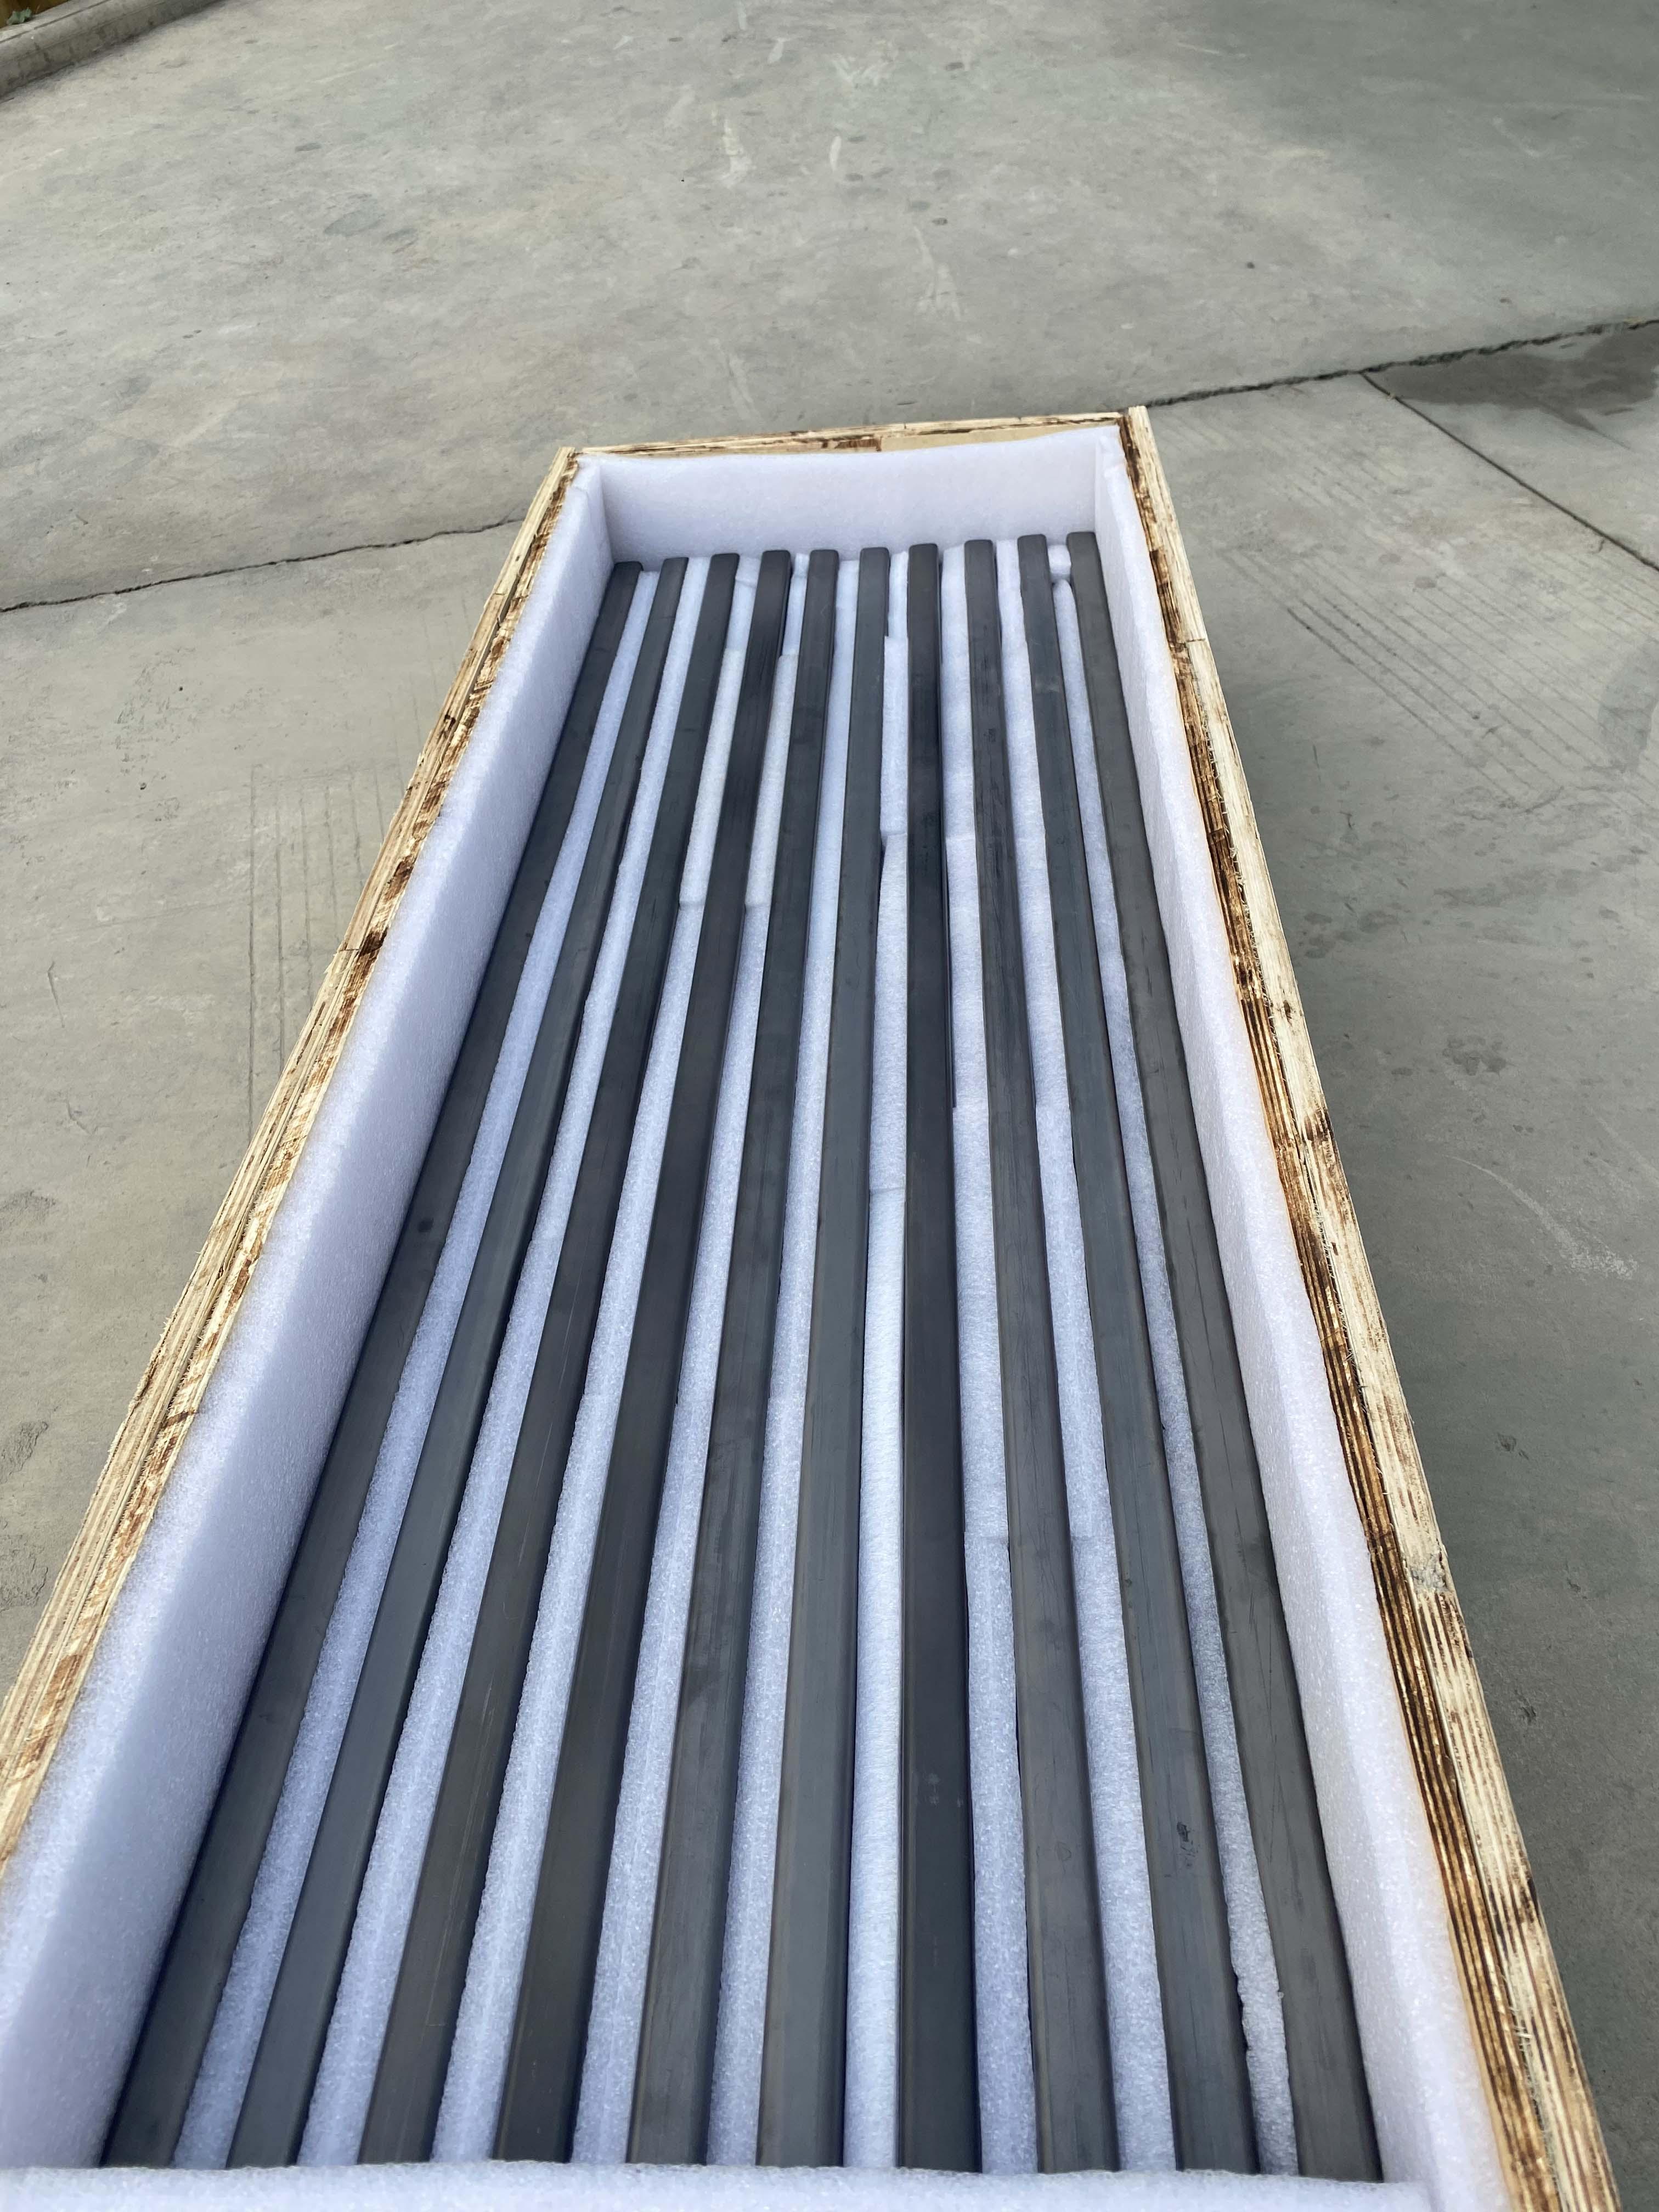 碳化硅方梁运用具体运用在哪些行业呢?